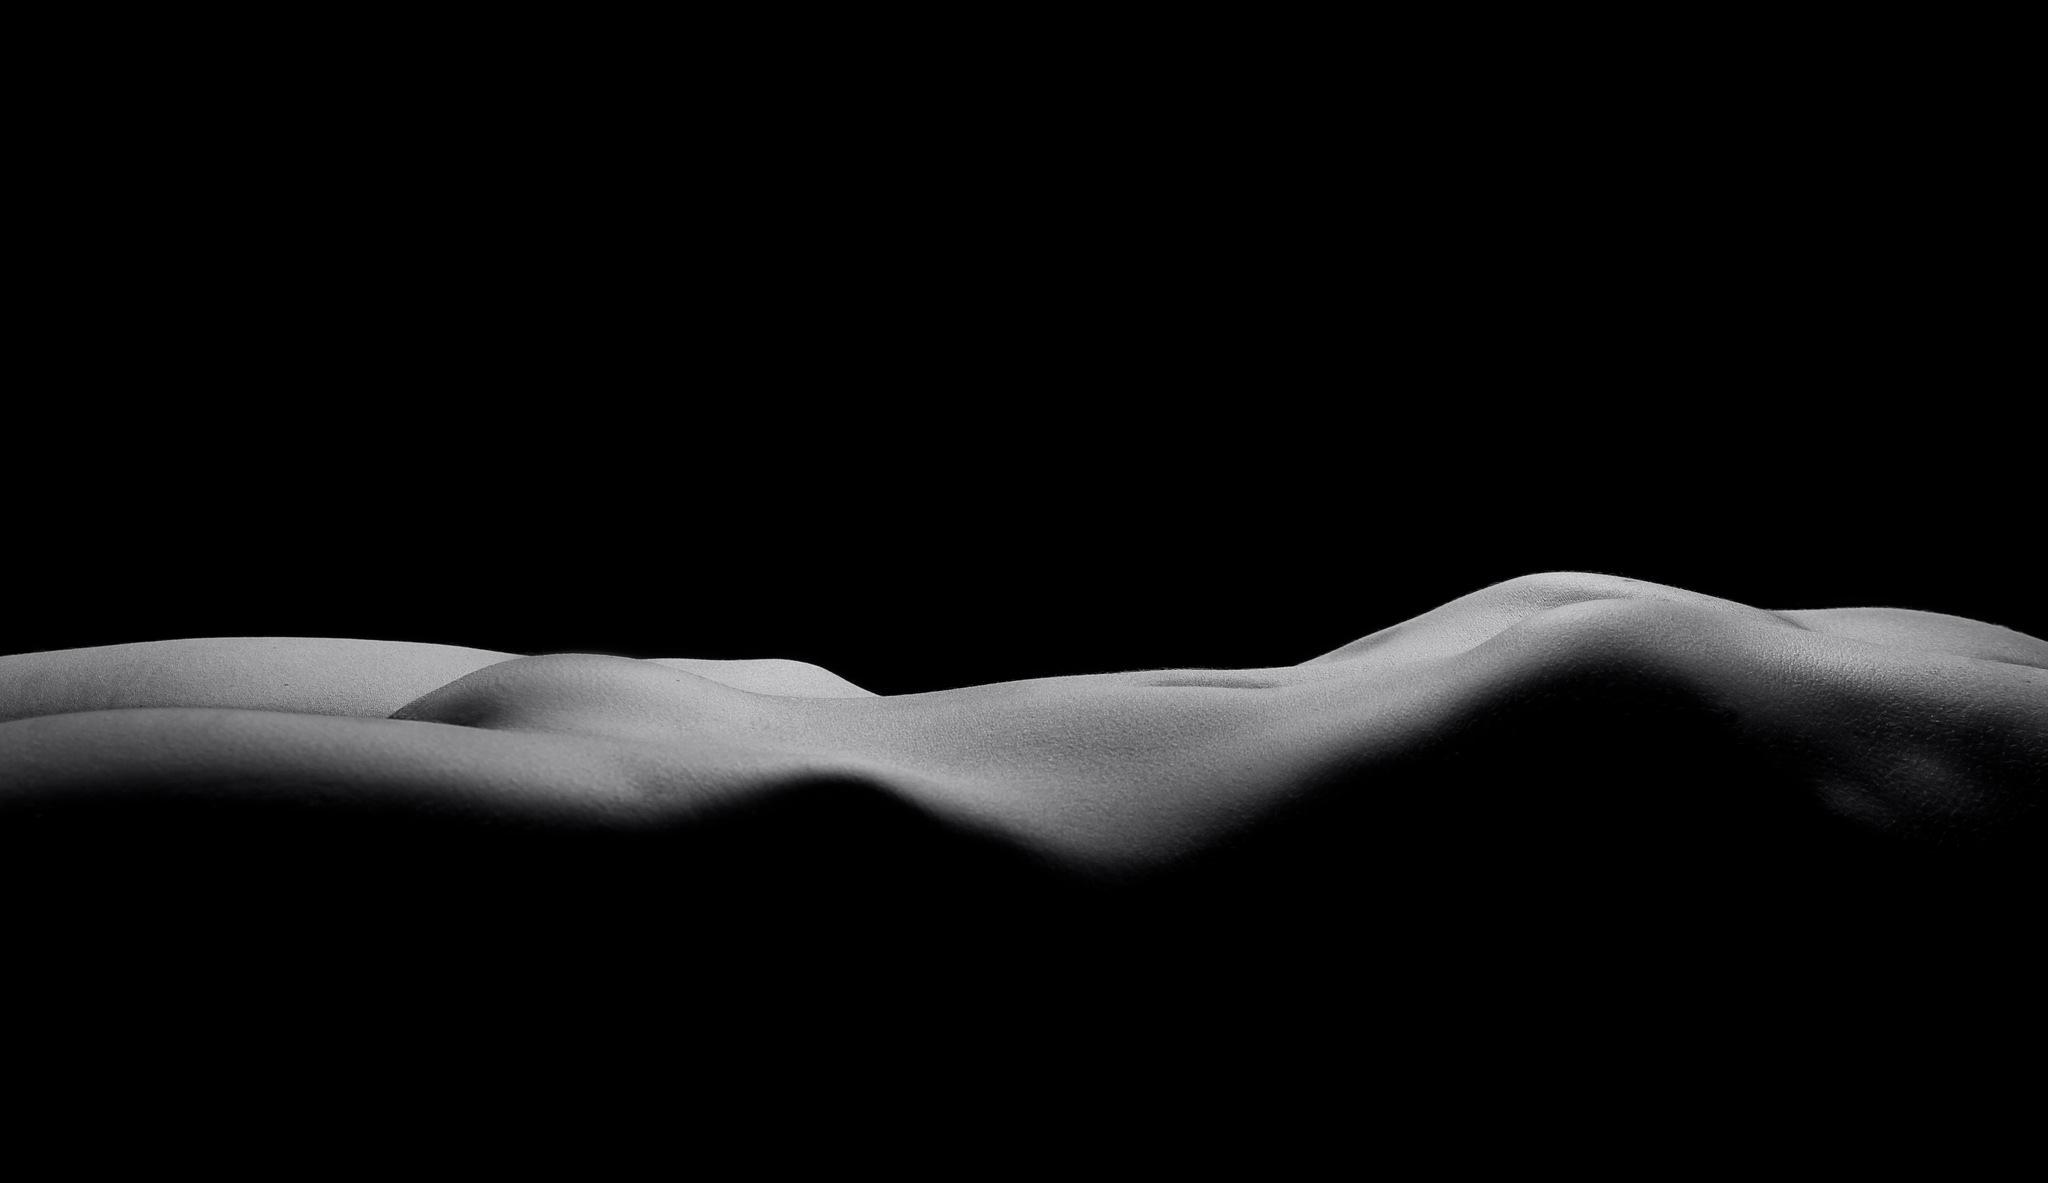 Bodyscape Body of Curves by EelkoBouma